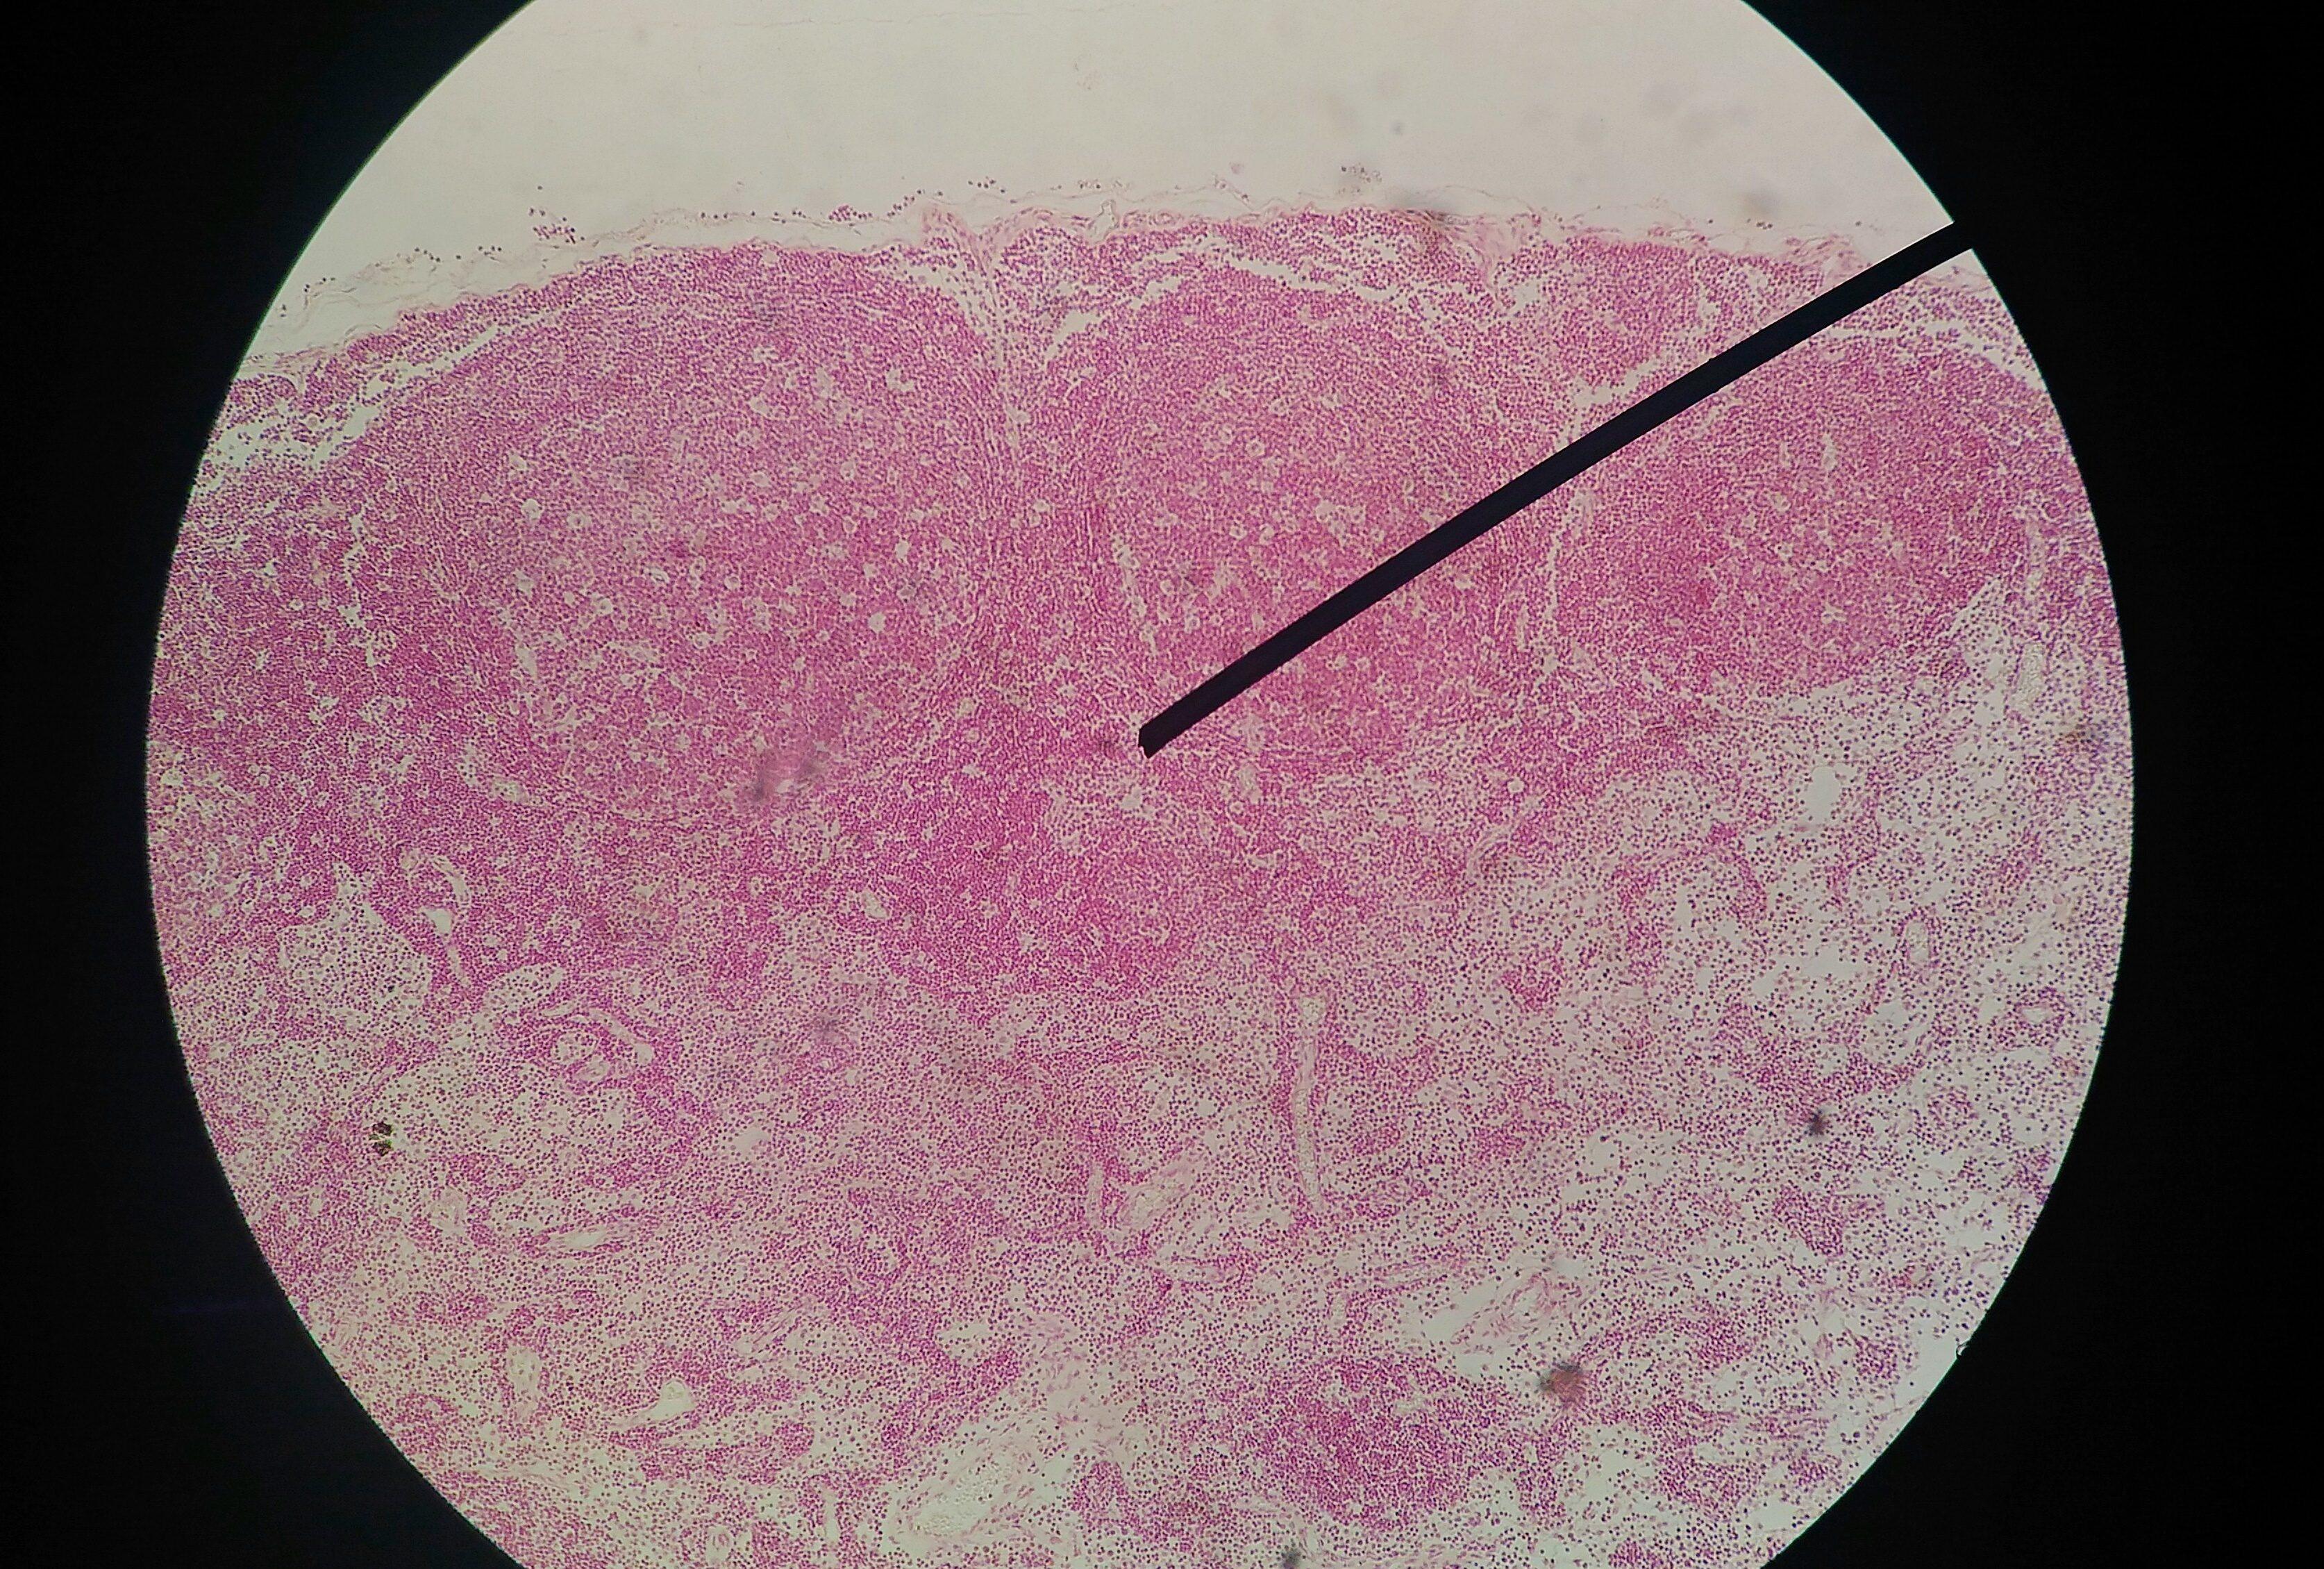 papilloma test sintomi hpv utero sintomi